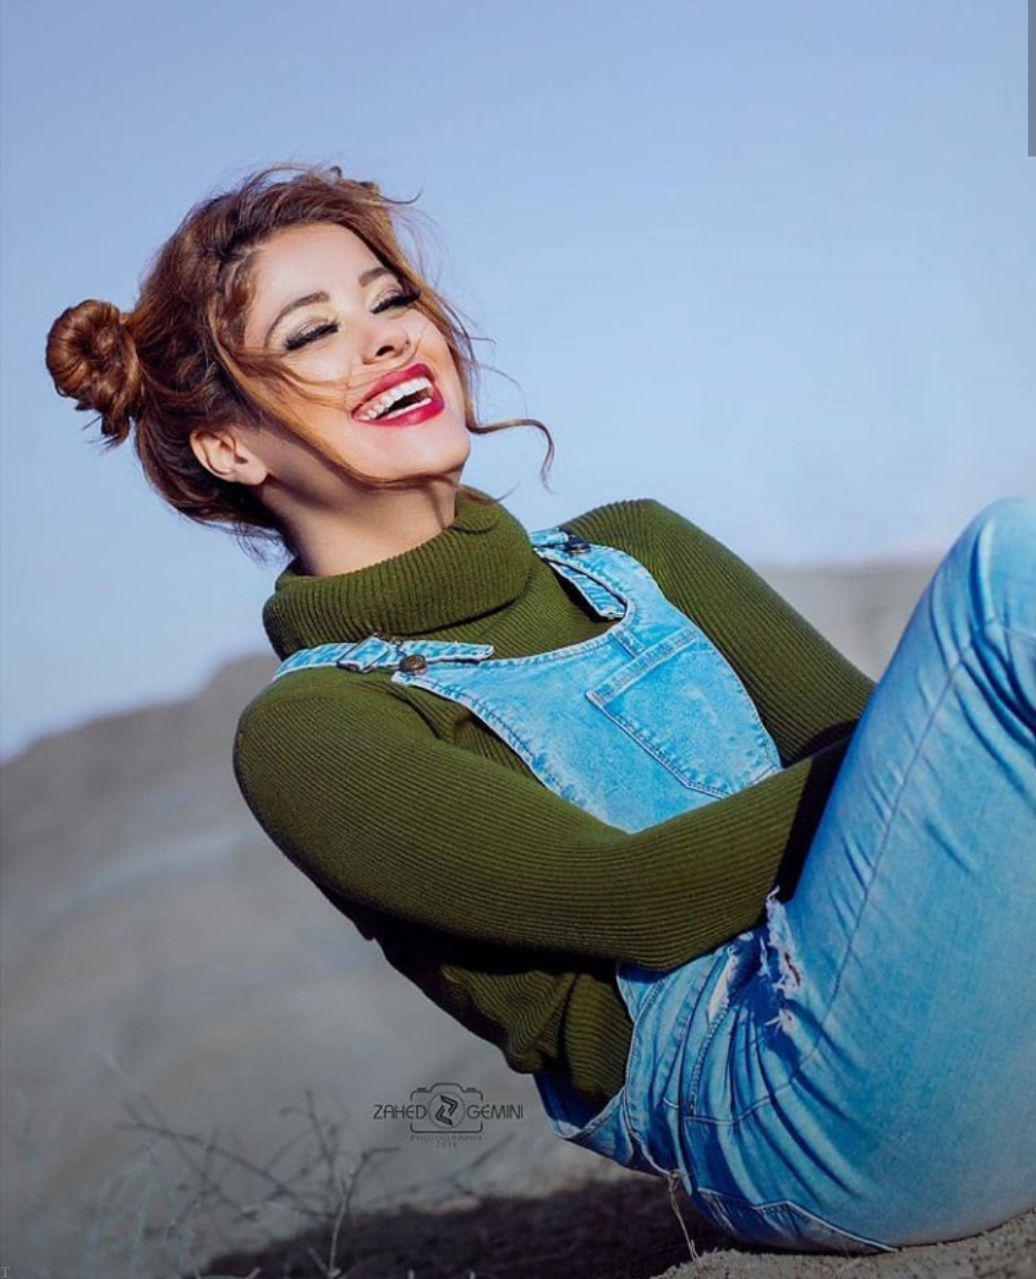 دلنوشته های کوتاه عاشقانه + شعر کوتاه عاشقانه جدید